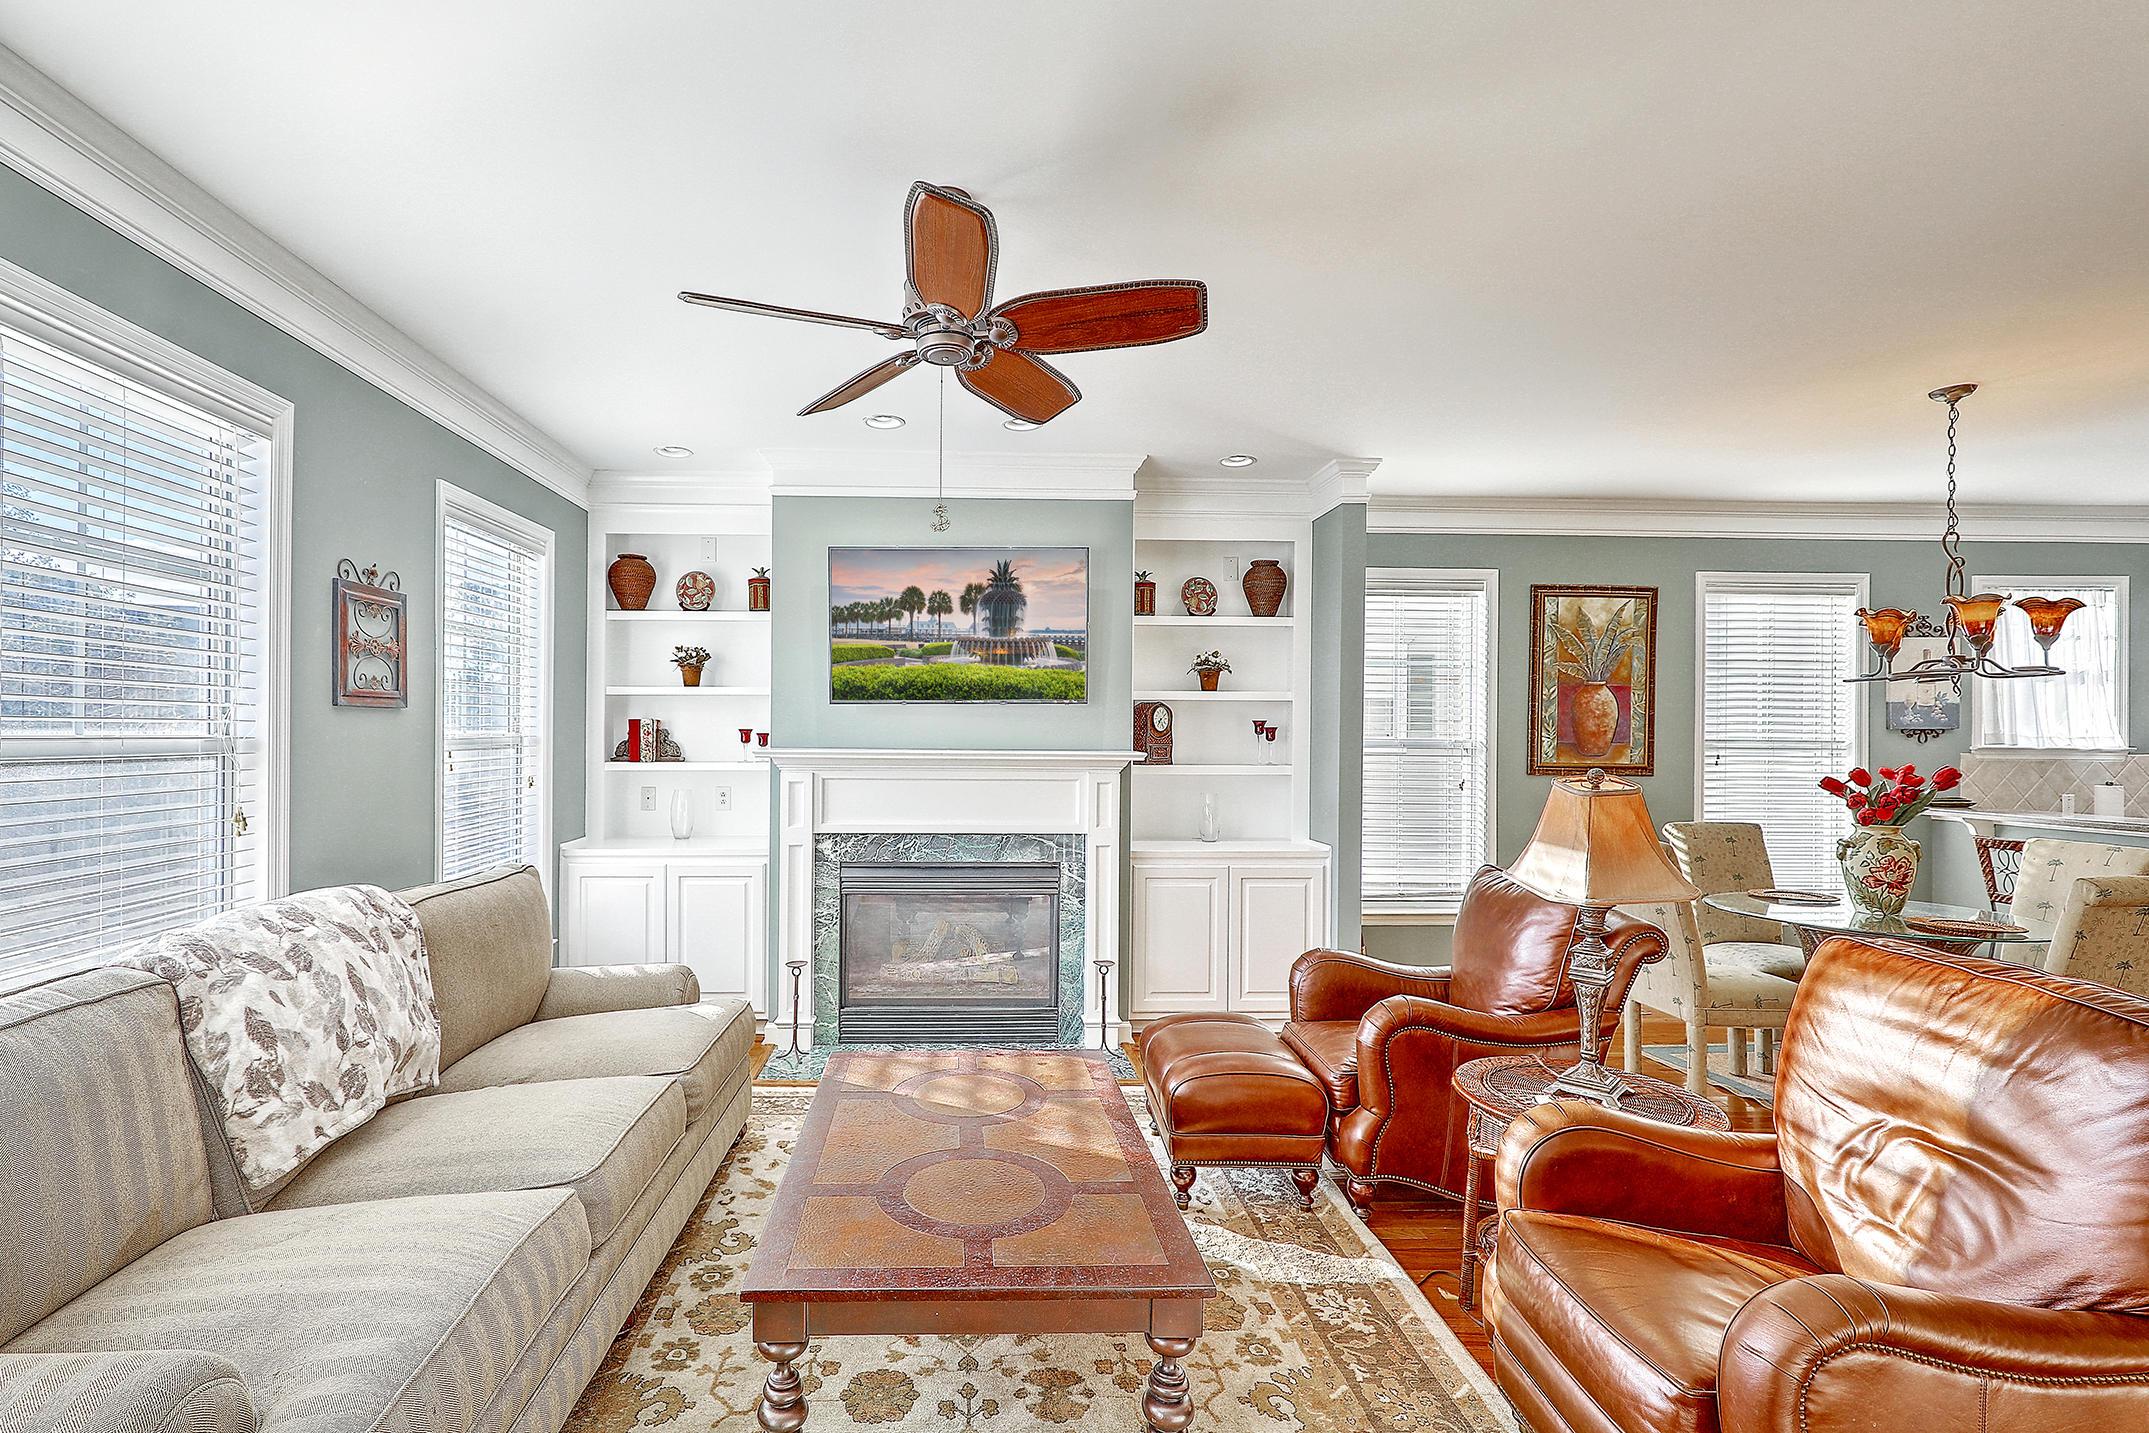 Dunes West Homes For Sale - 129 Palm Cove, Mount Pleasant, SC - 31